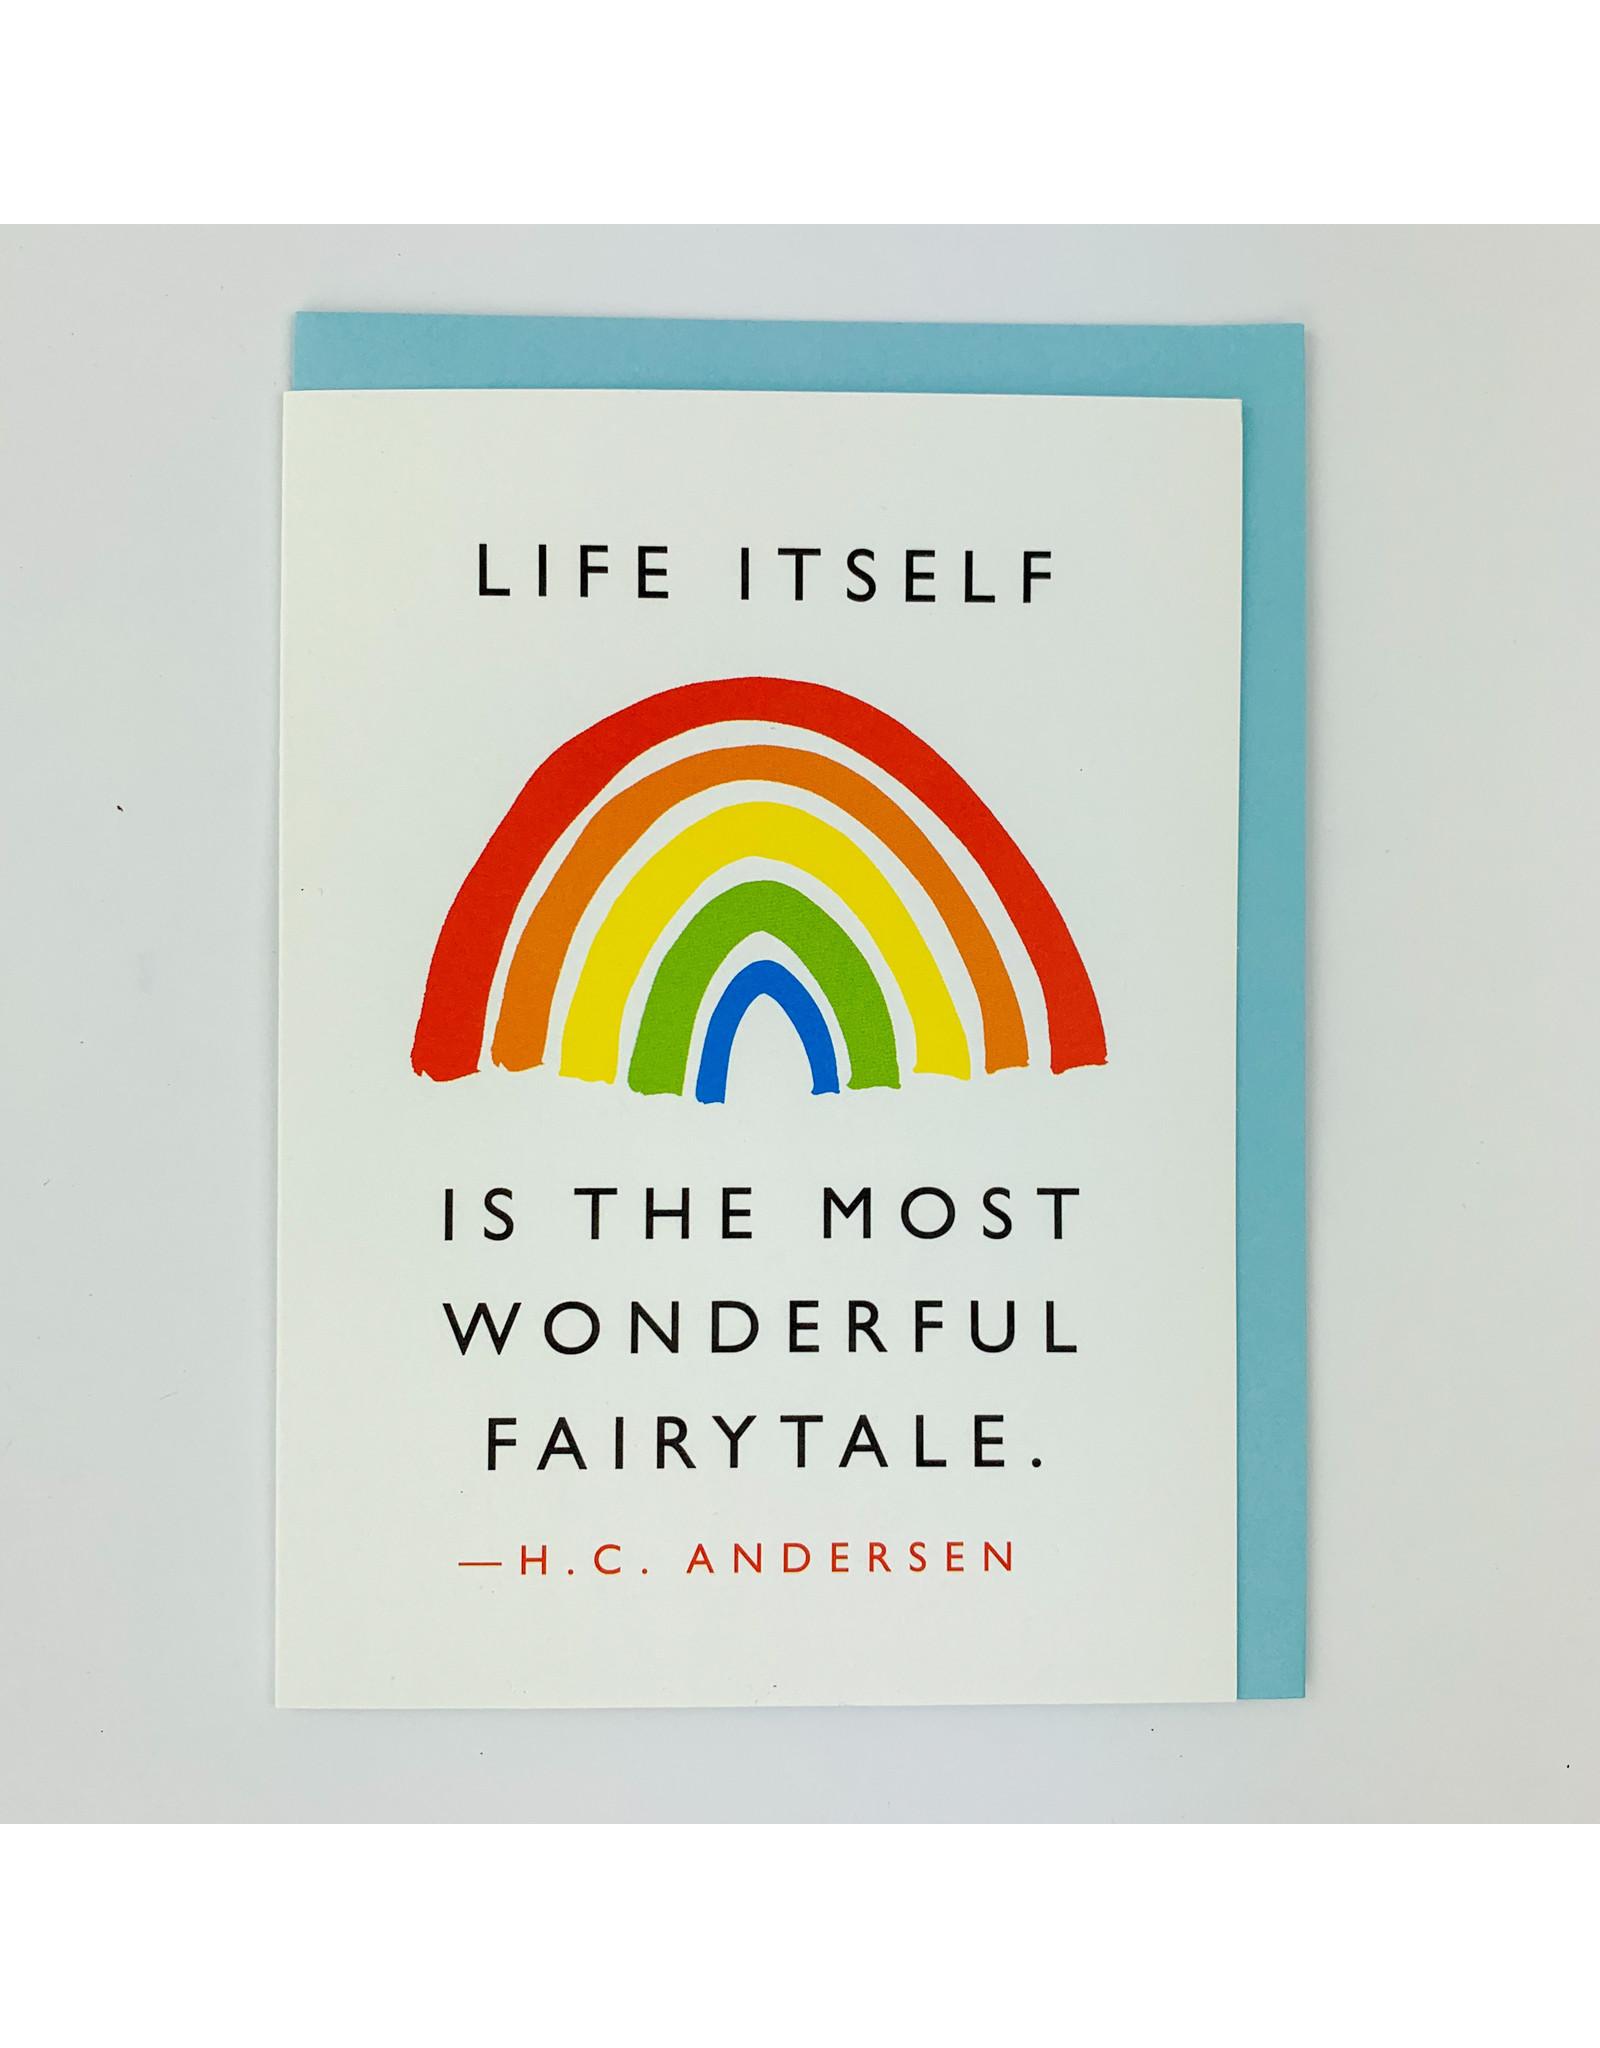 J.Faulkner Fairytale Quote